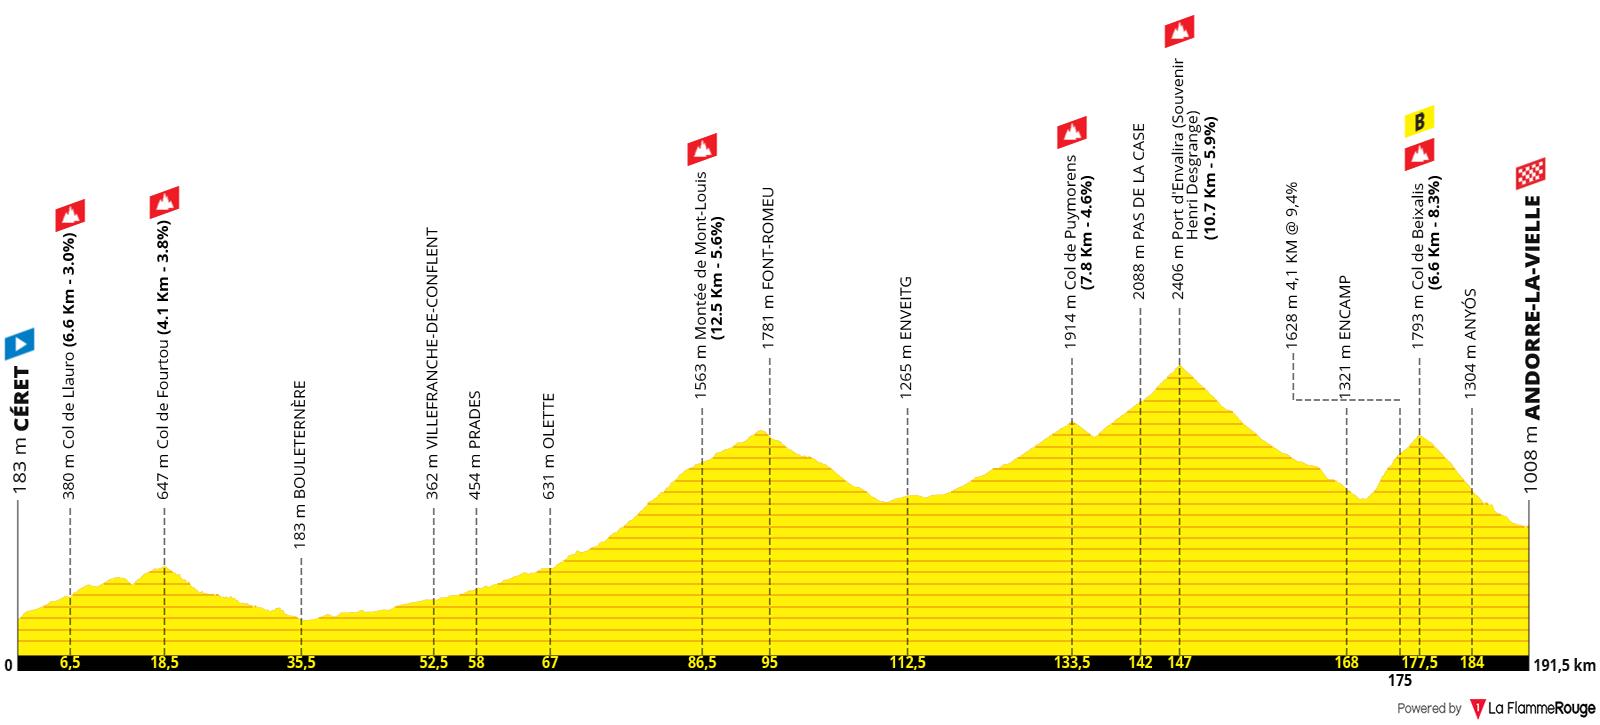 Etapa 15 - Tour de Francia 2021